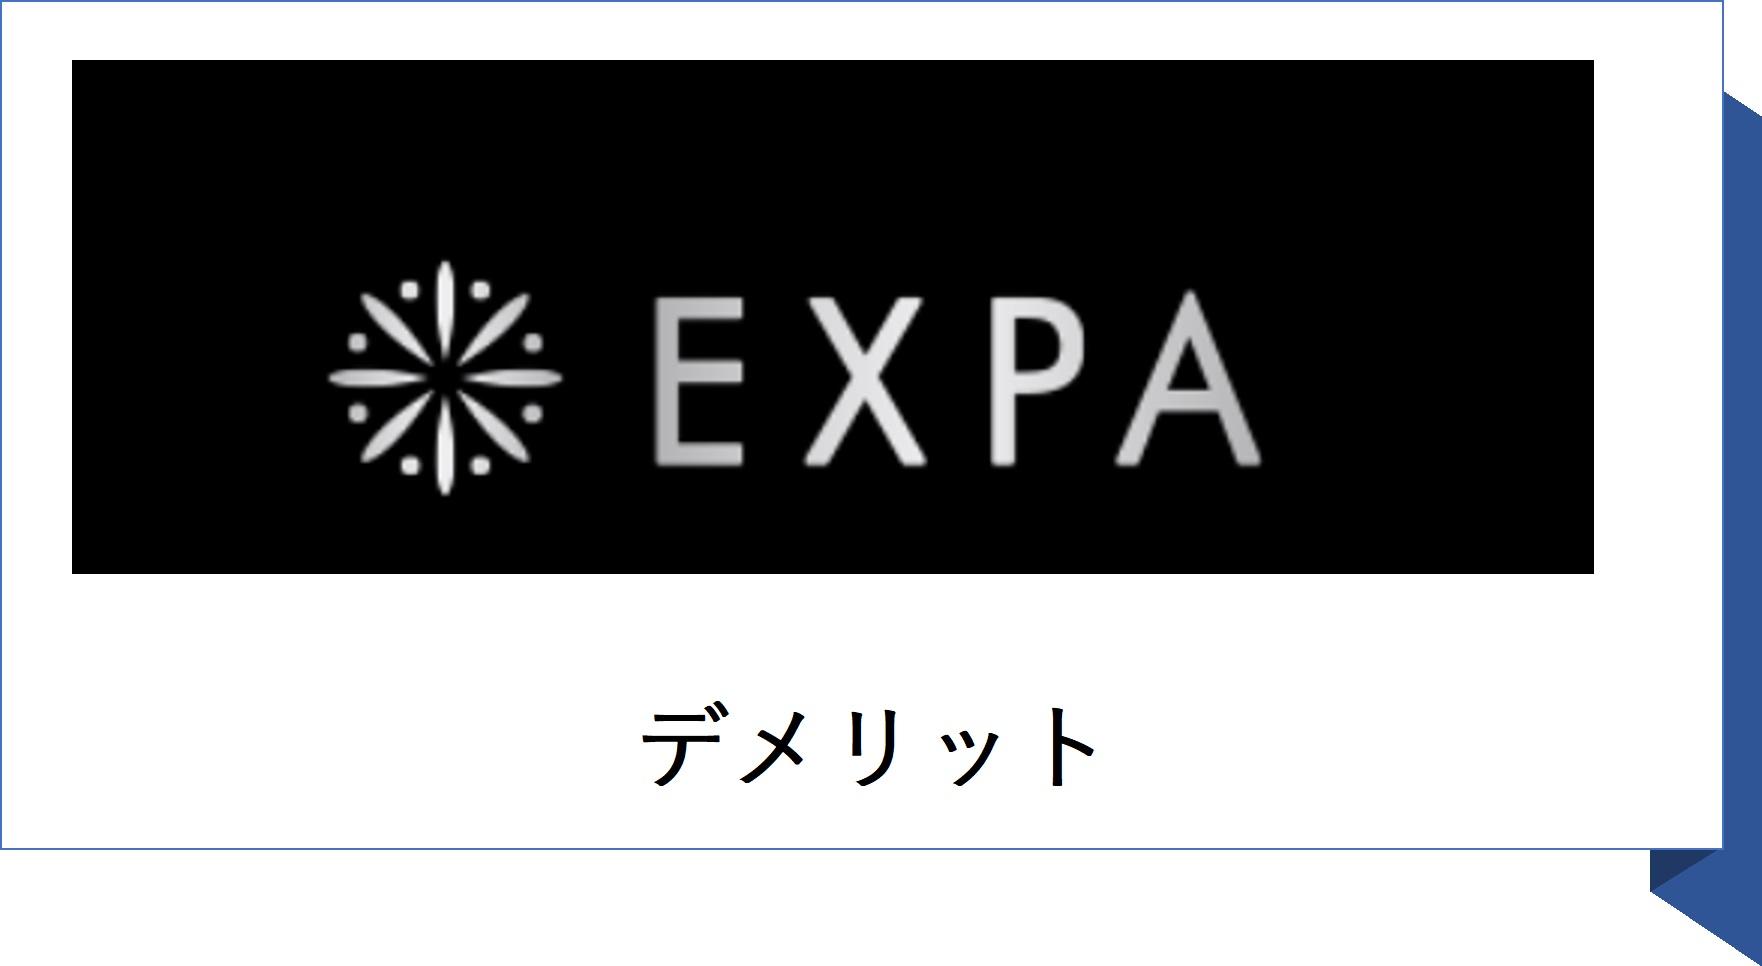 expa(デメリット)